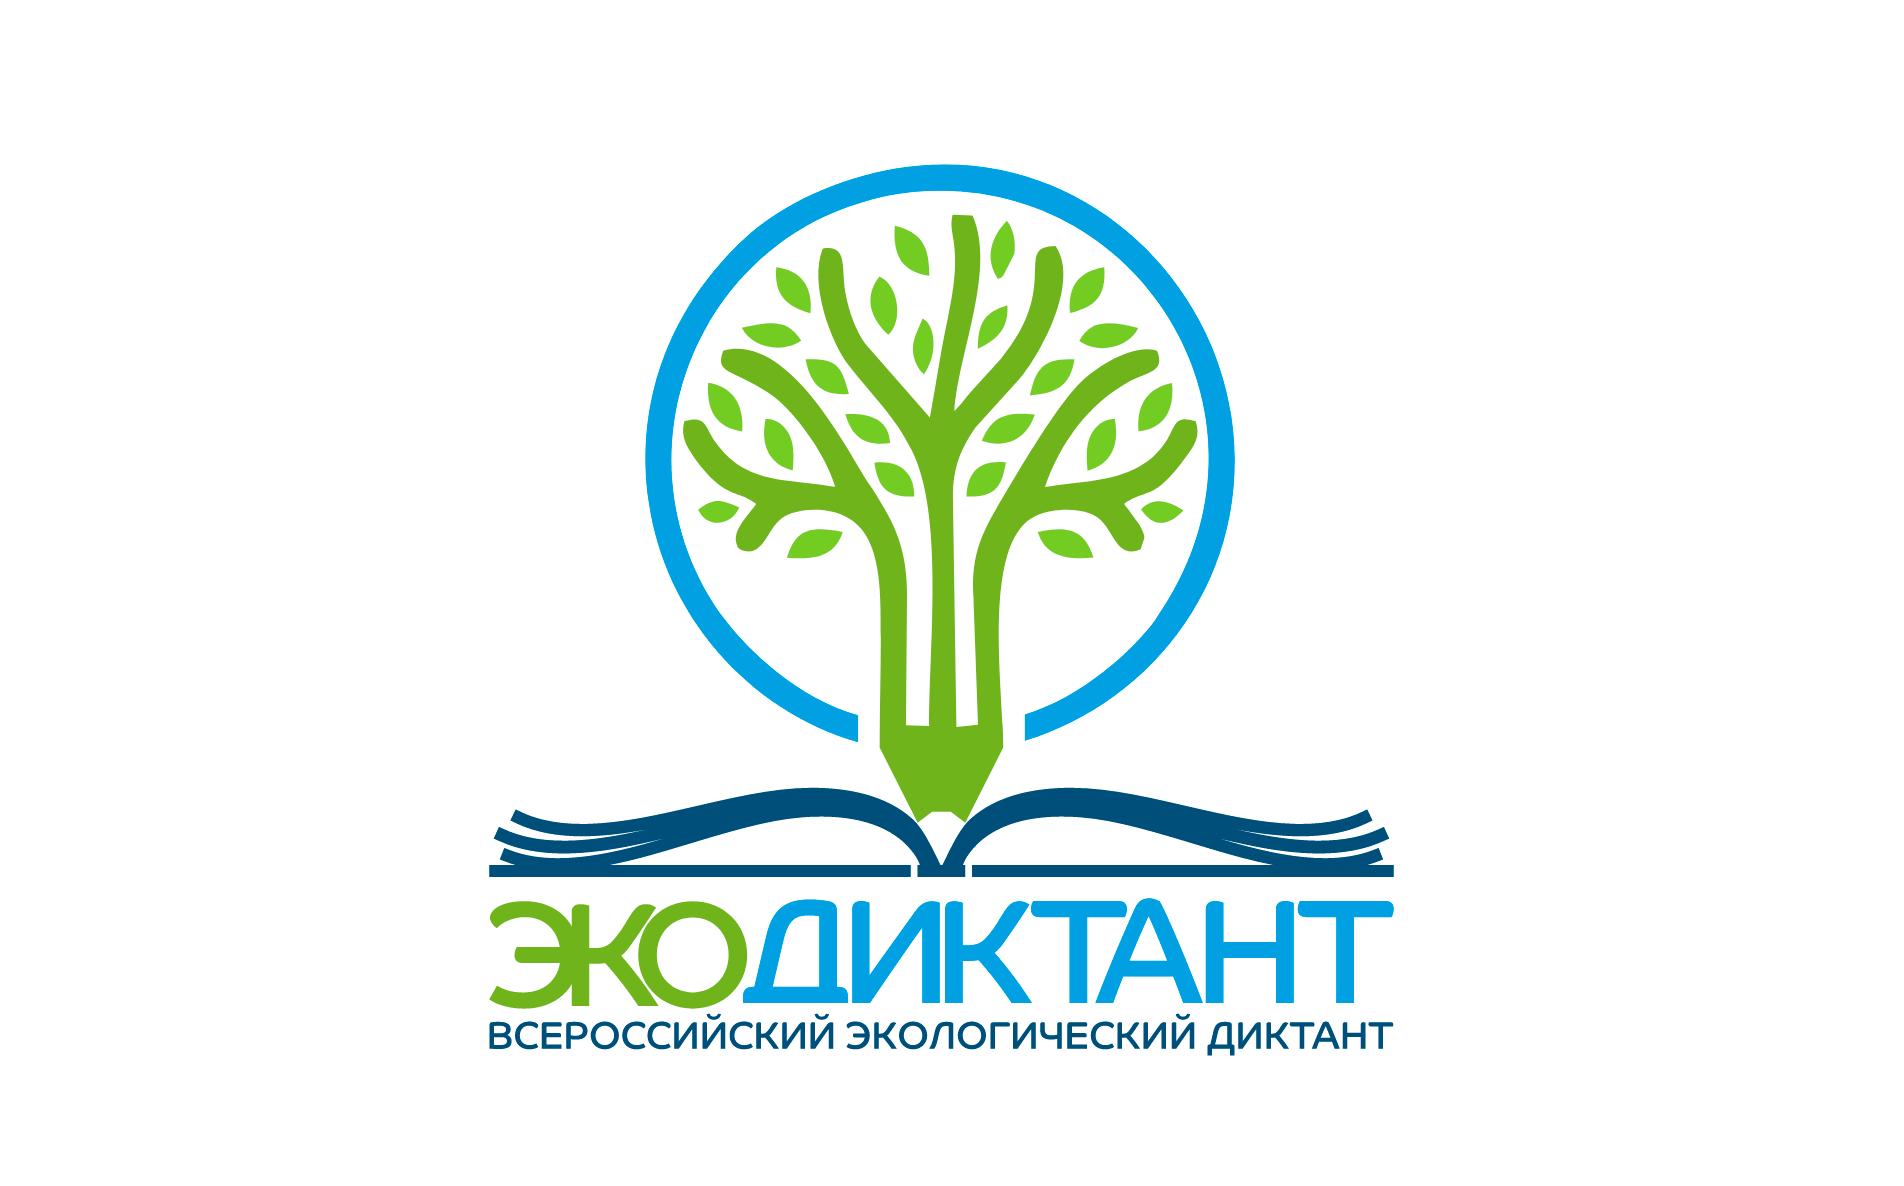 Тверская область присоединится к Всероссийскому экодиктанту